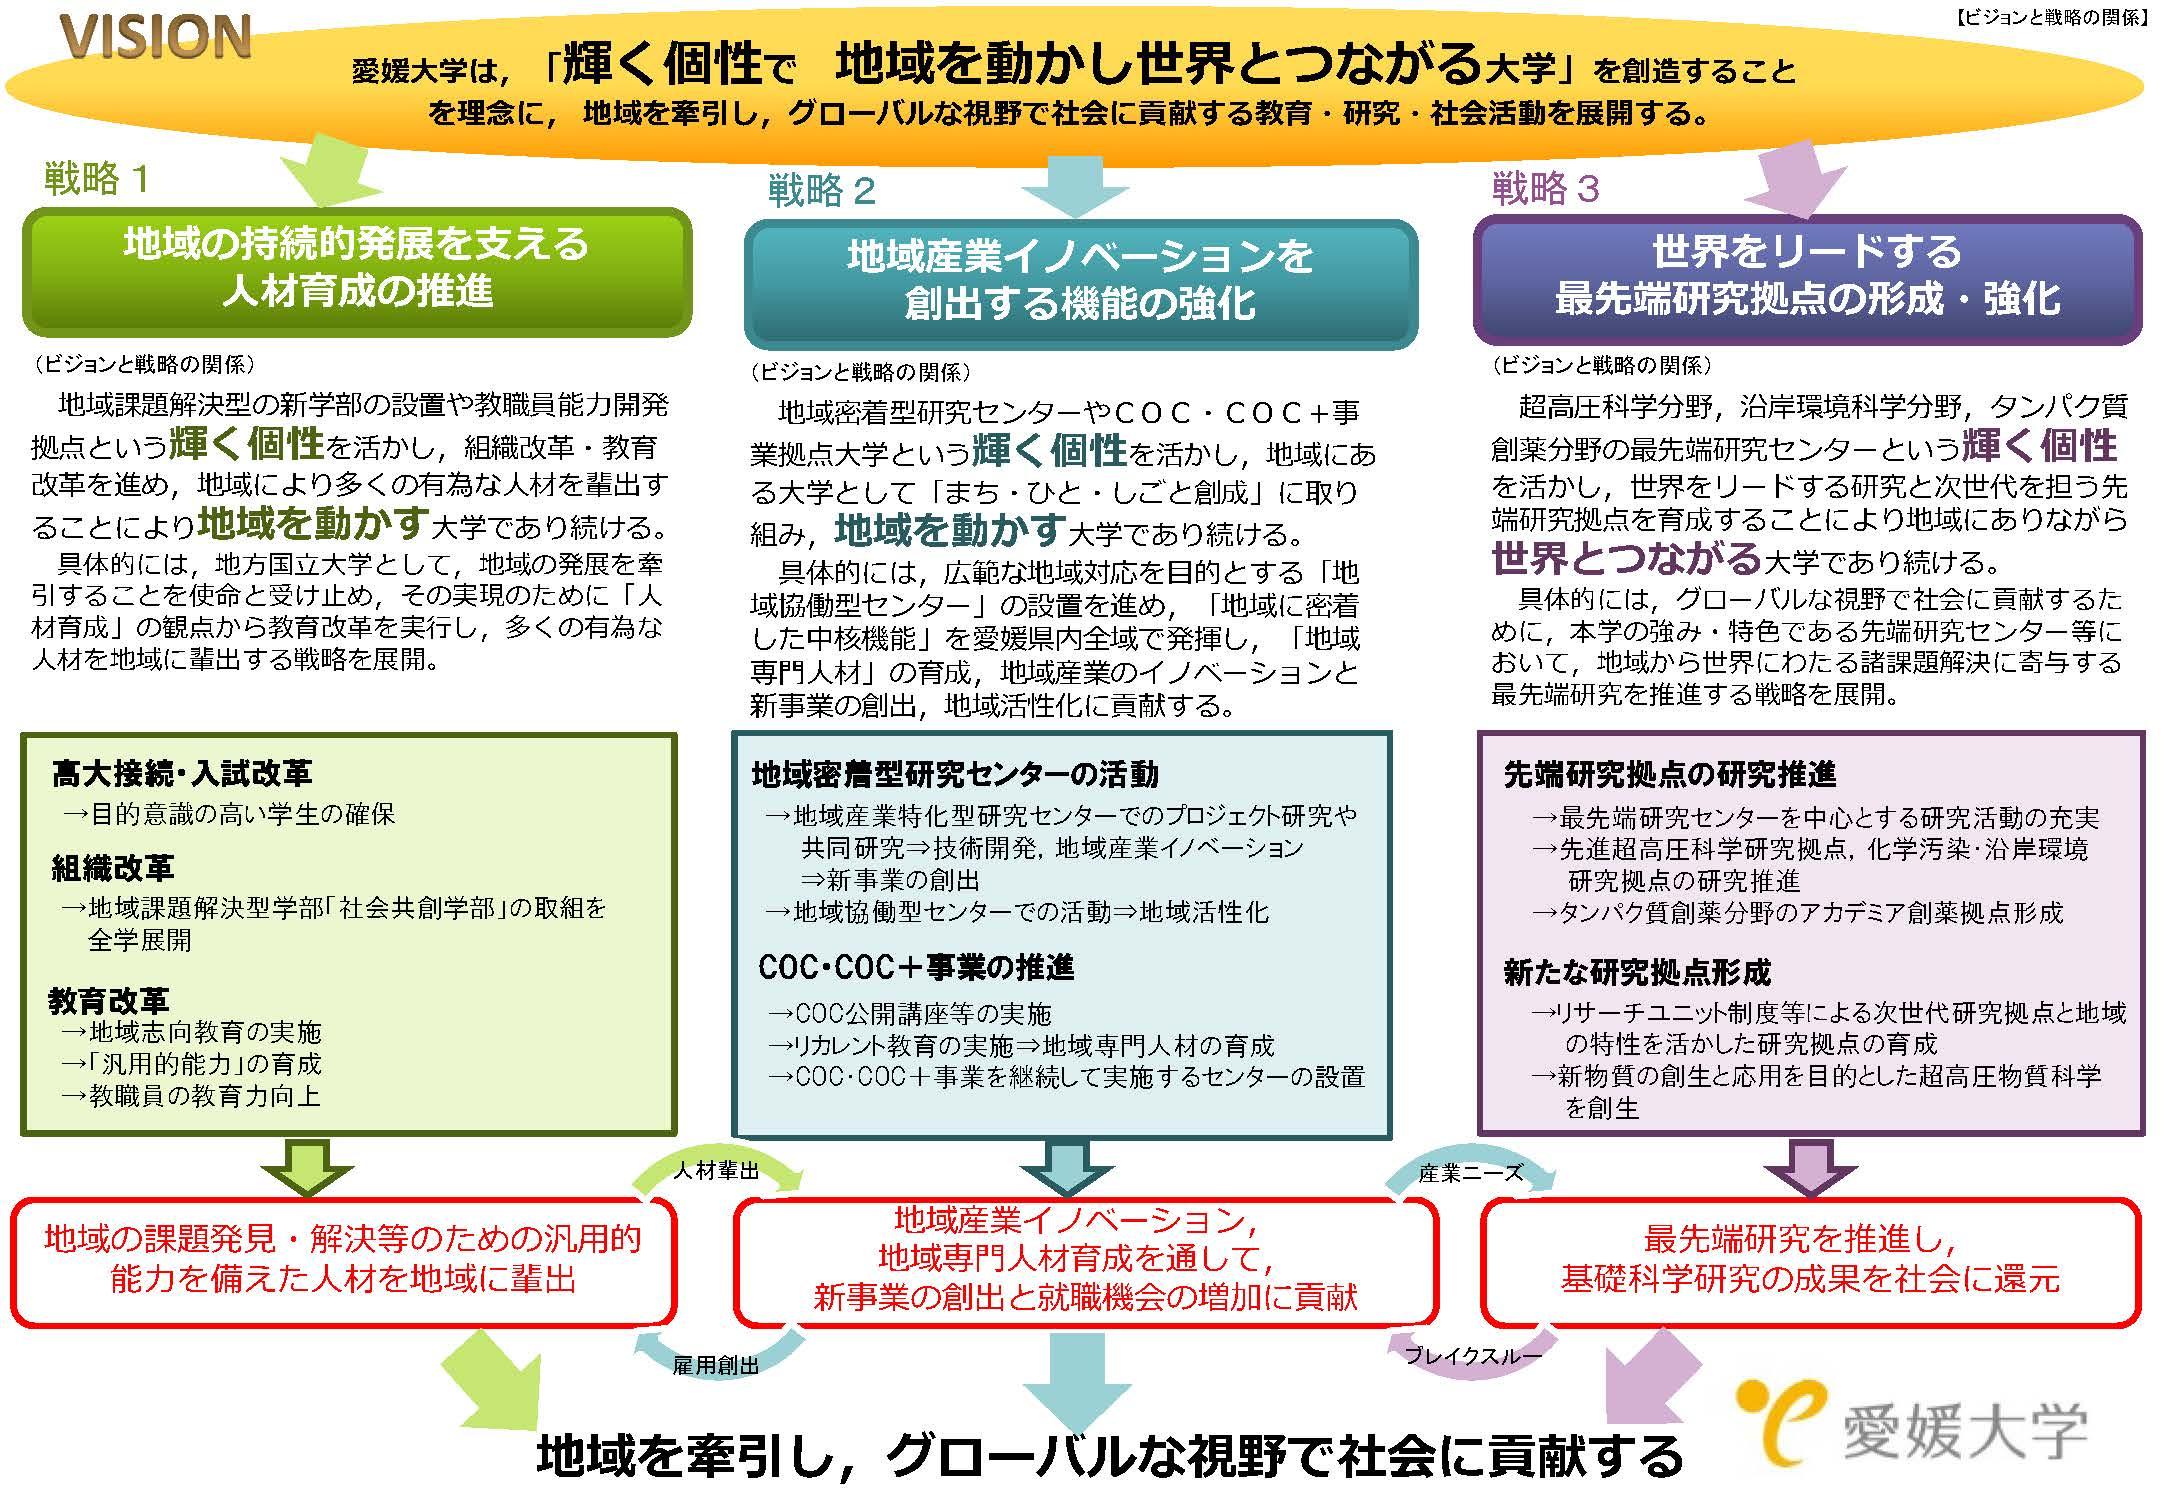 支援 システム 大学 修学 愛媛